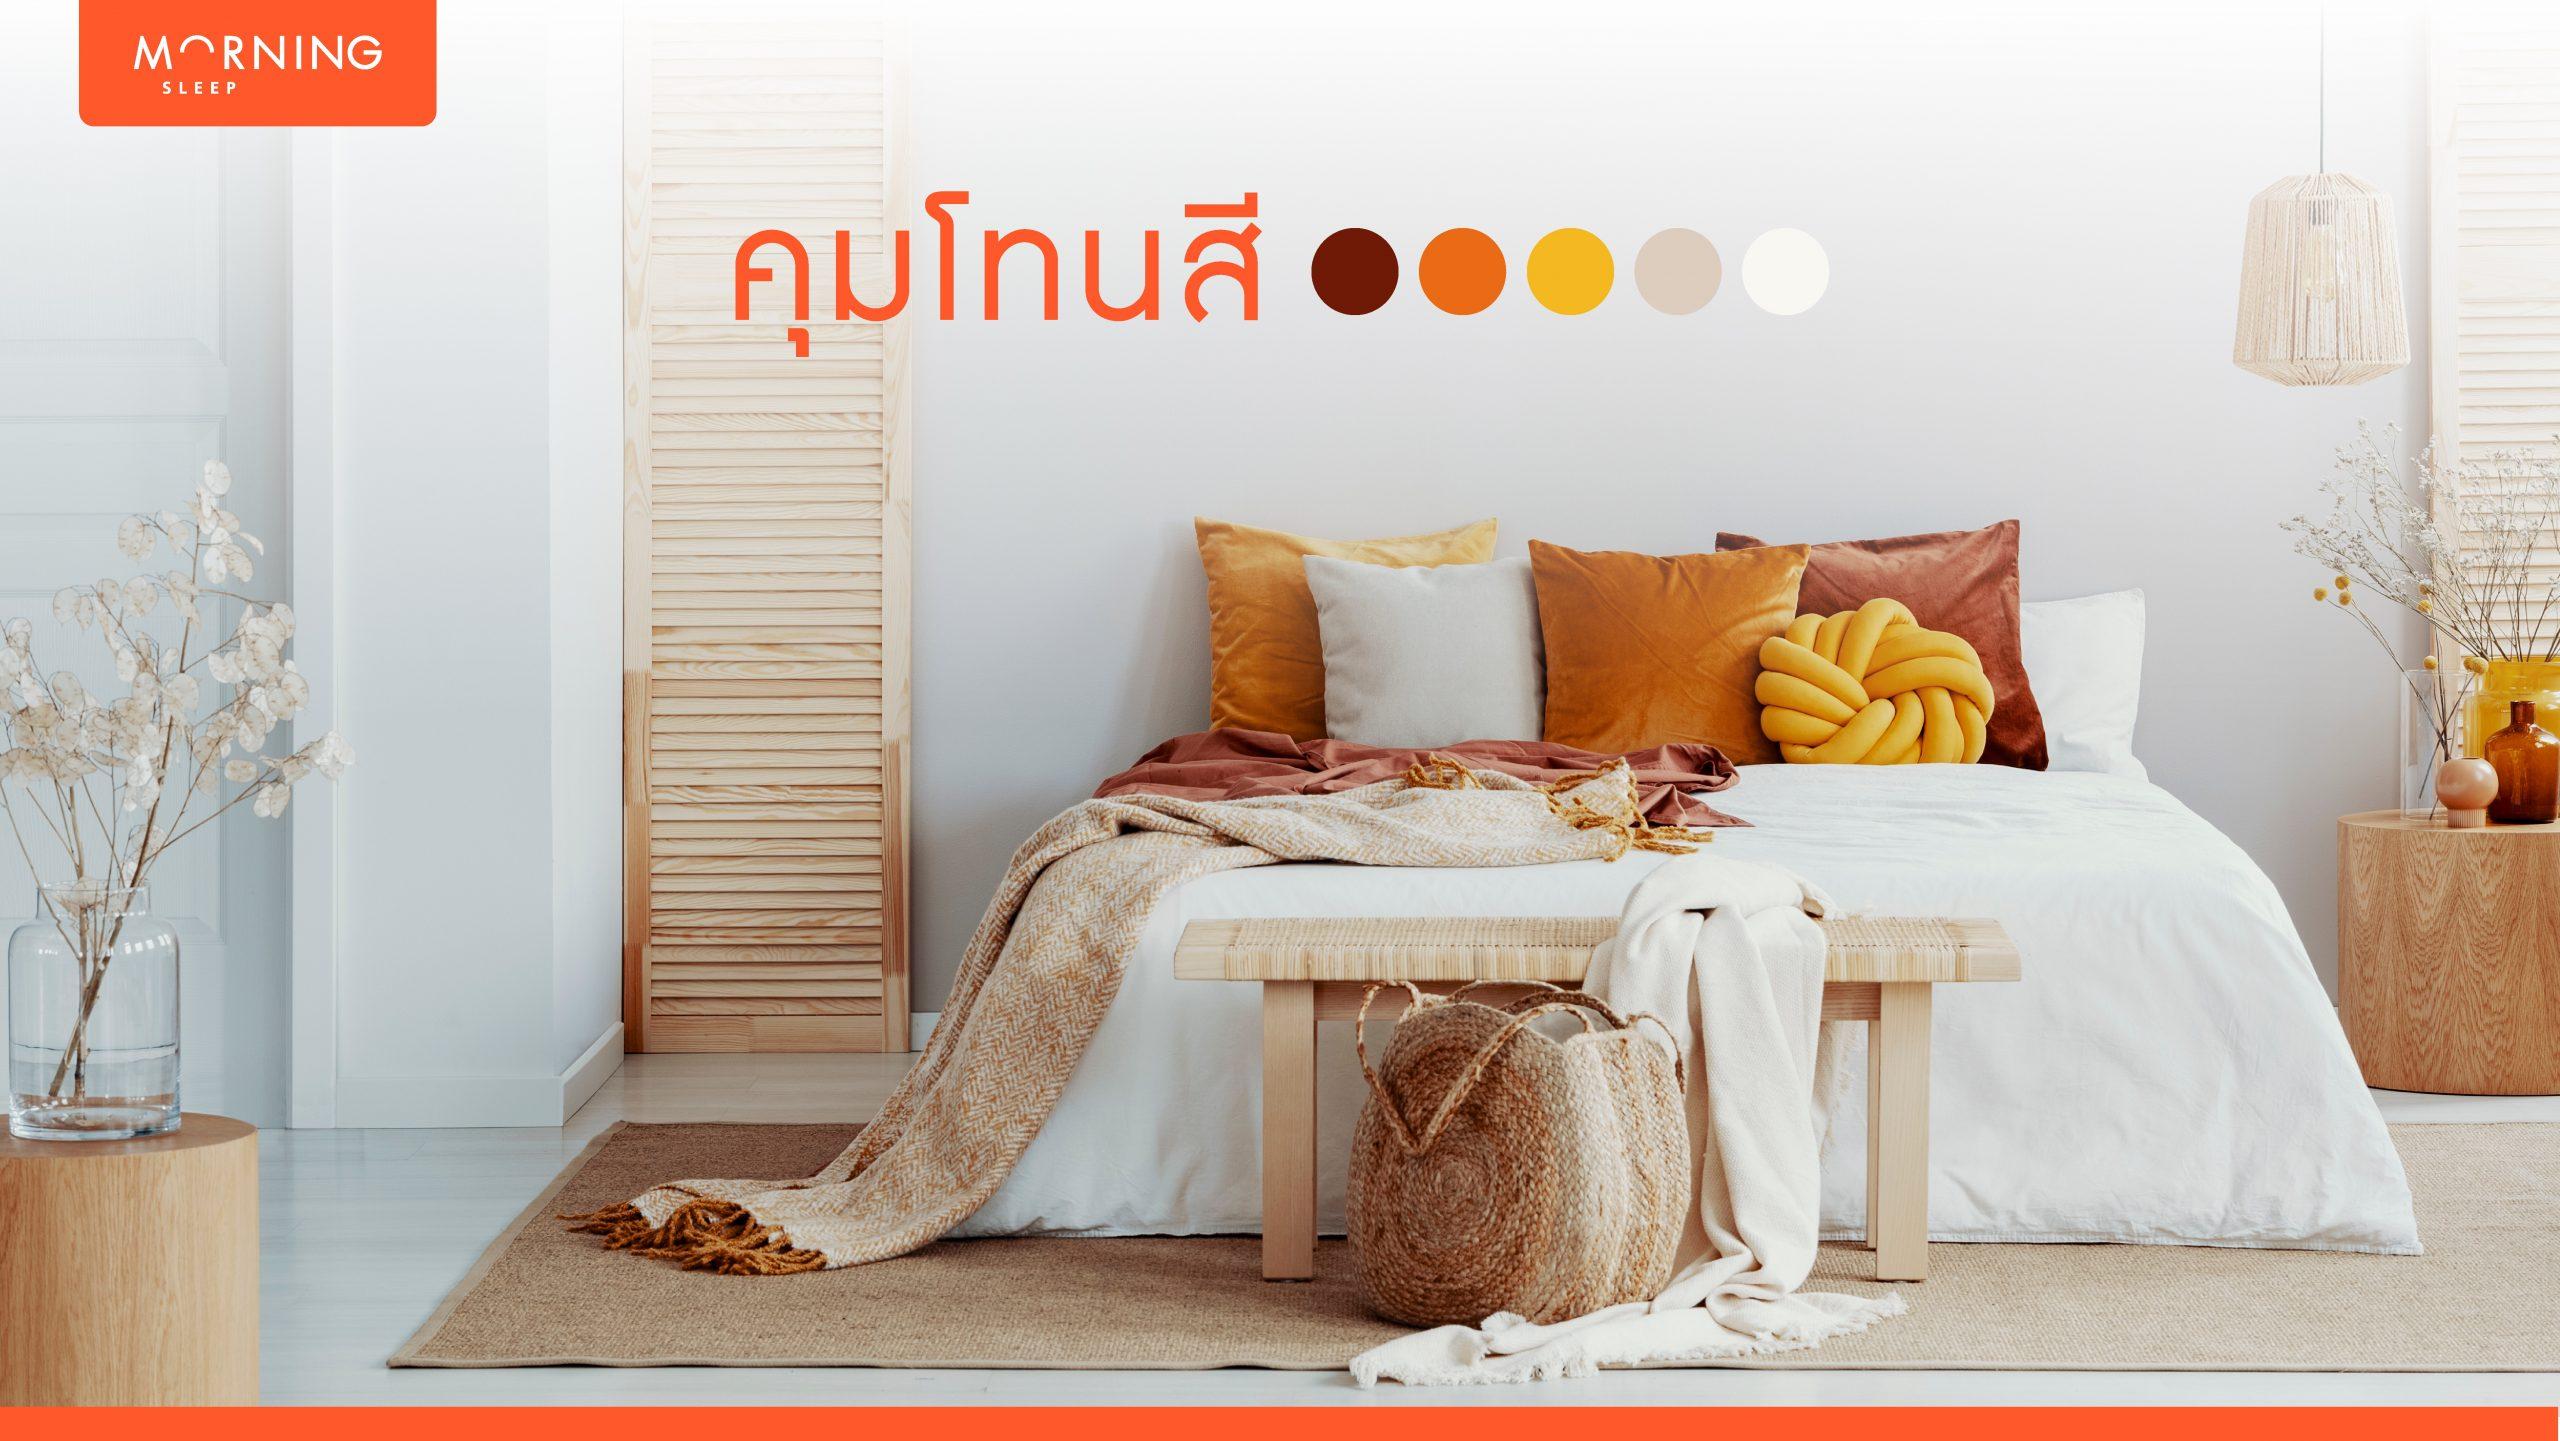 จัดห้องนอน มินิมอลด้วยการคุมโทนสี